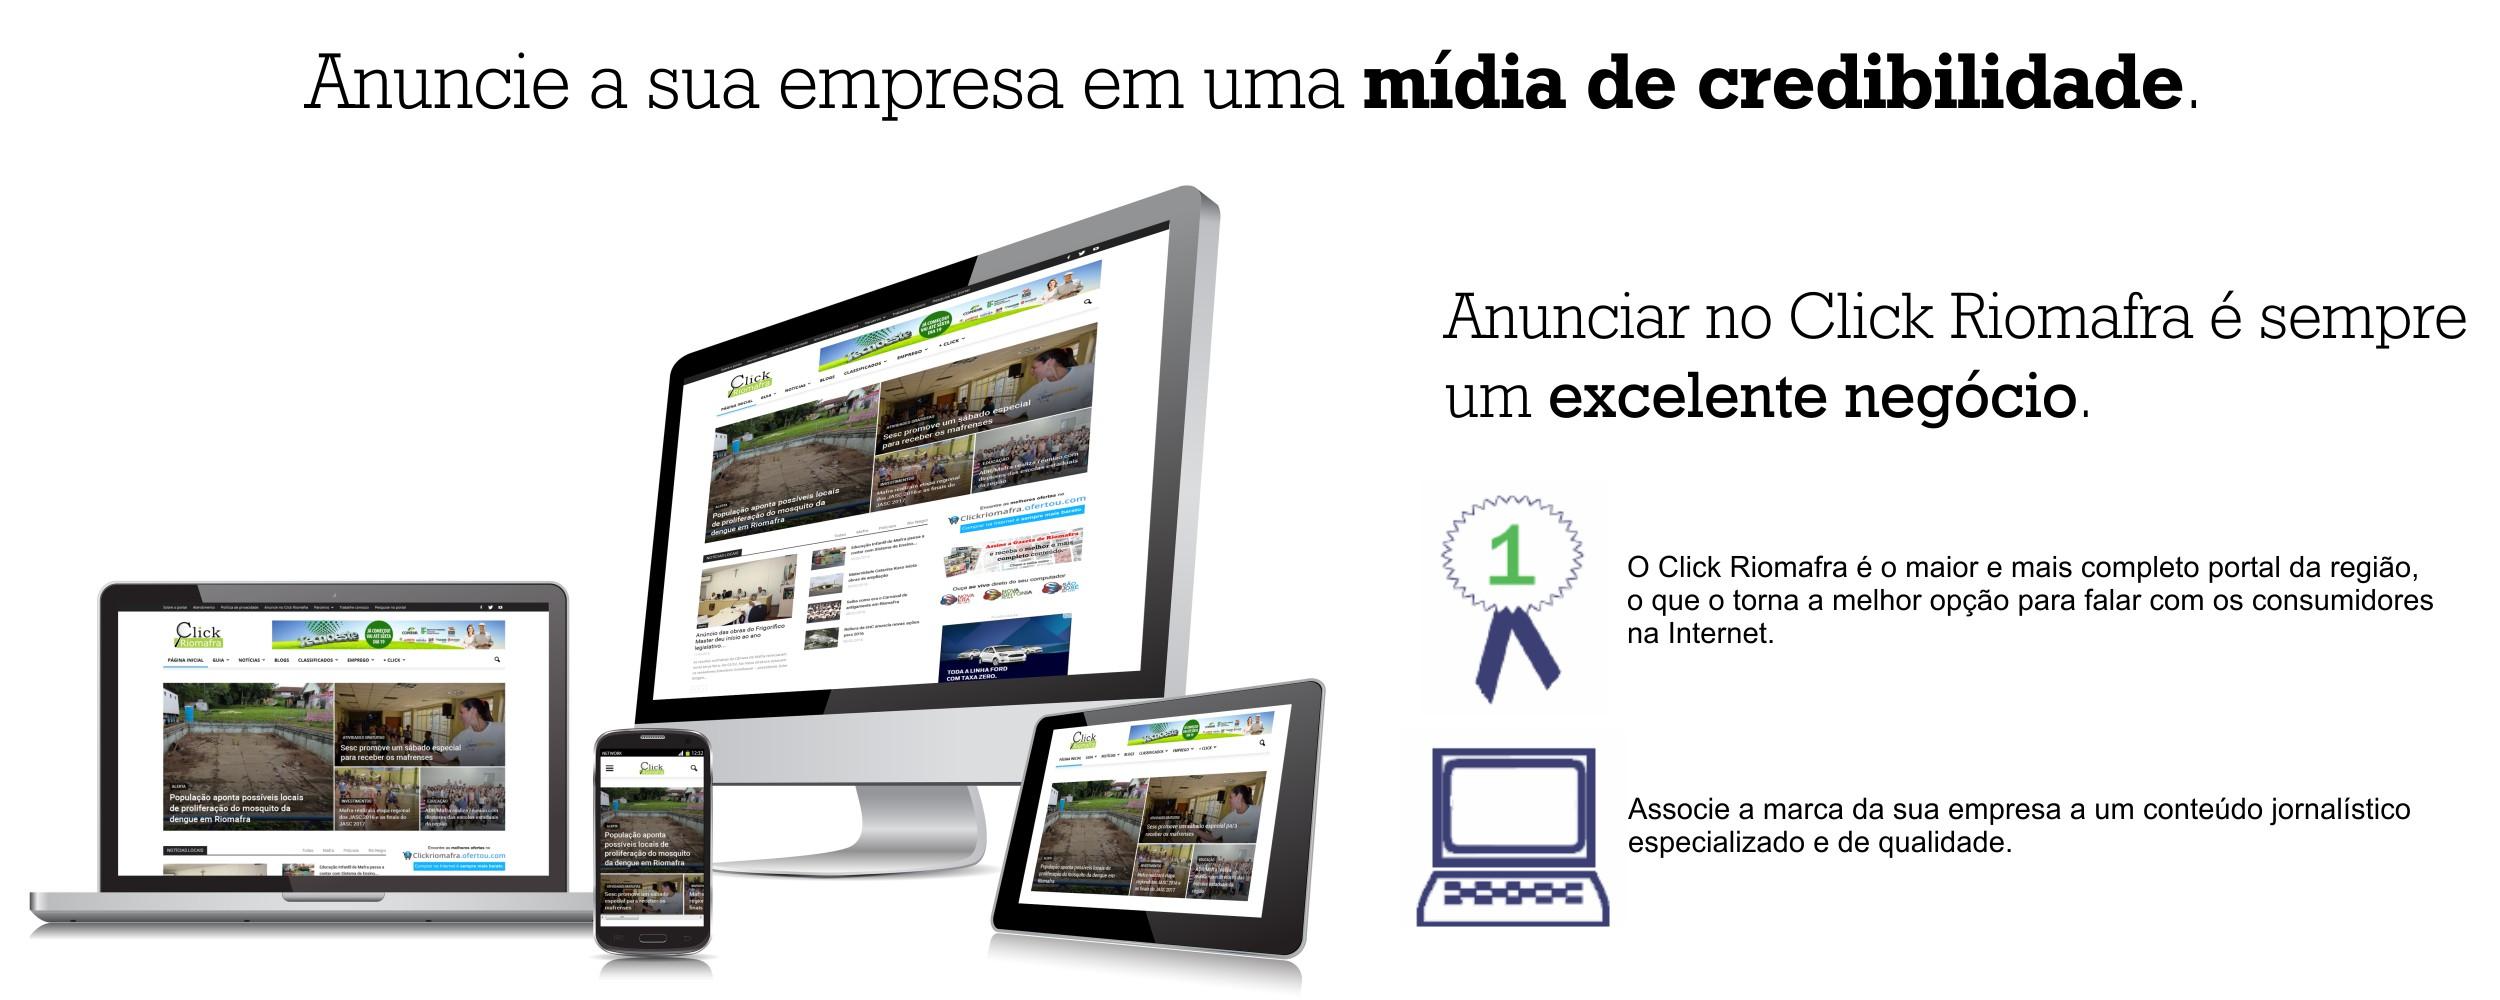 Anuncie no Click Riomafra - Uma mídia de credibilidade